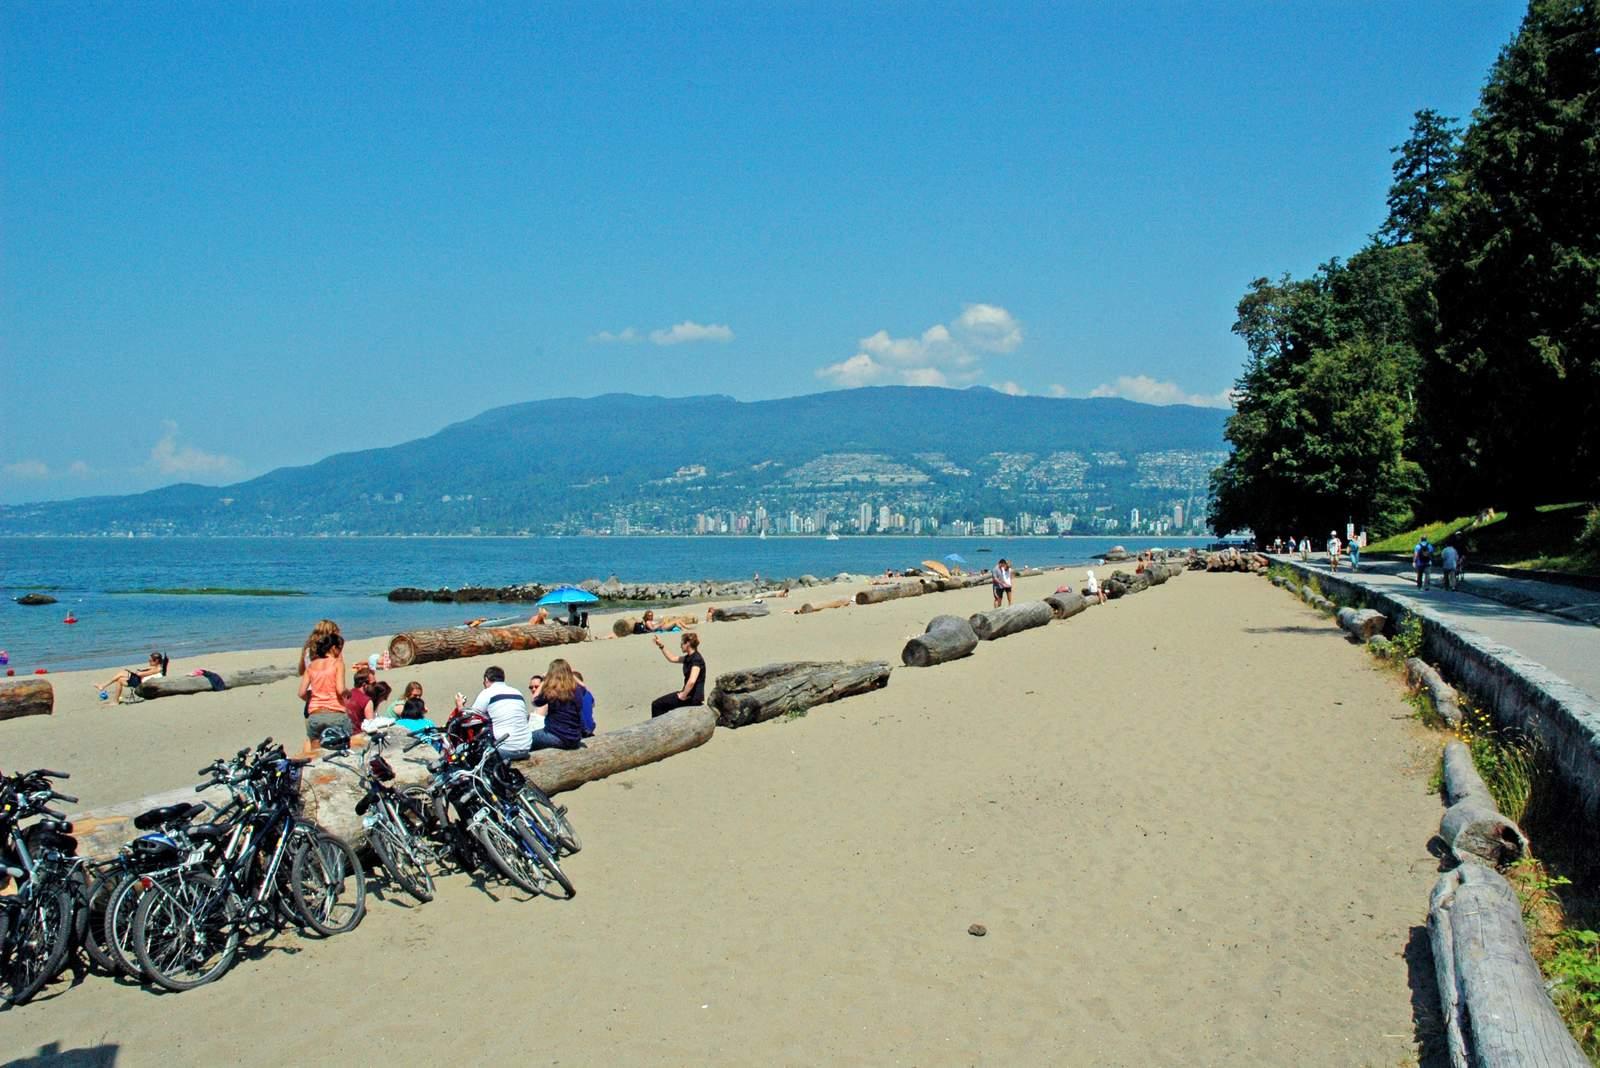 Am Third Beach